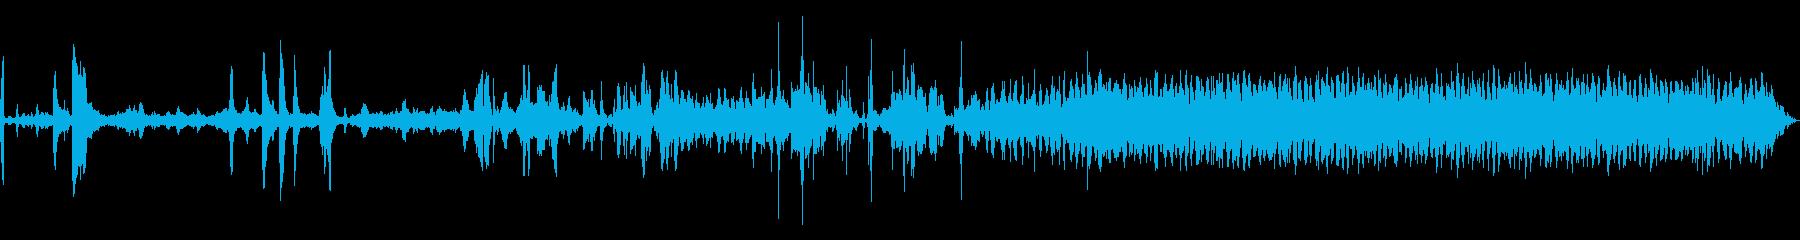 パワーコアハム古い障害のある大型フ...の再生済みの波形